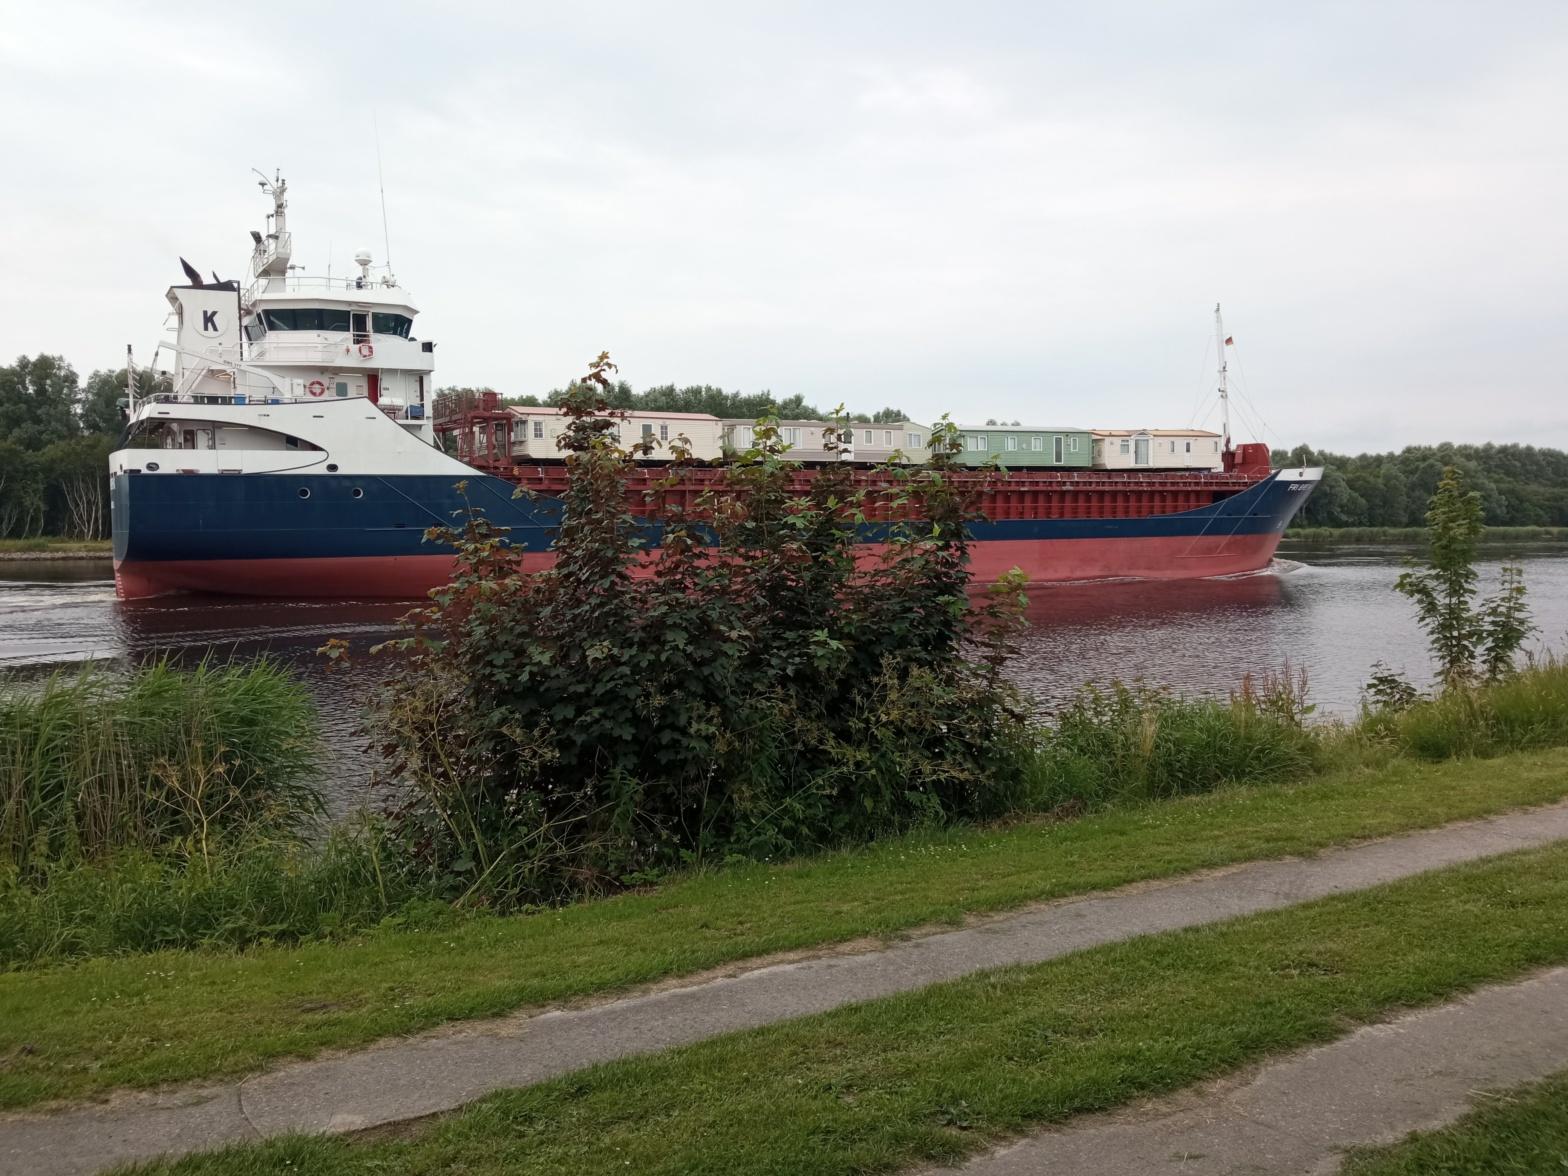 Frachtschiff mit Mobilheim Nord-Ostsee-Kanal Oldenbüttel Breiholz